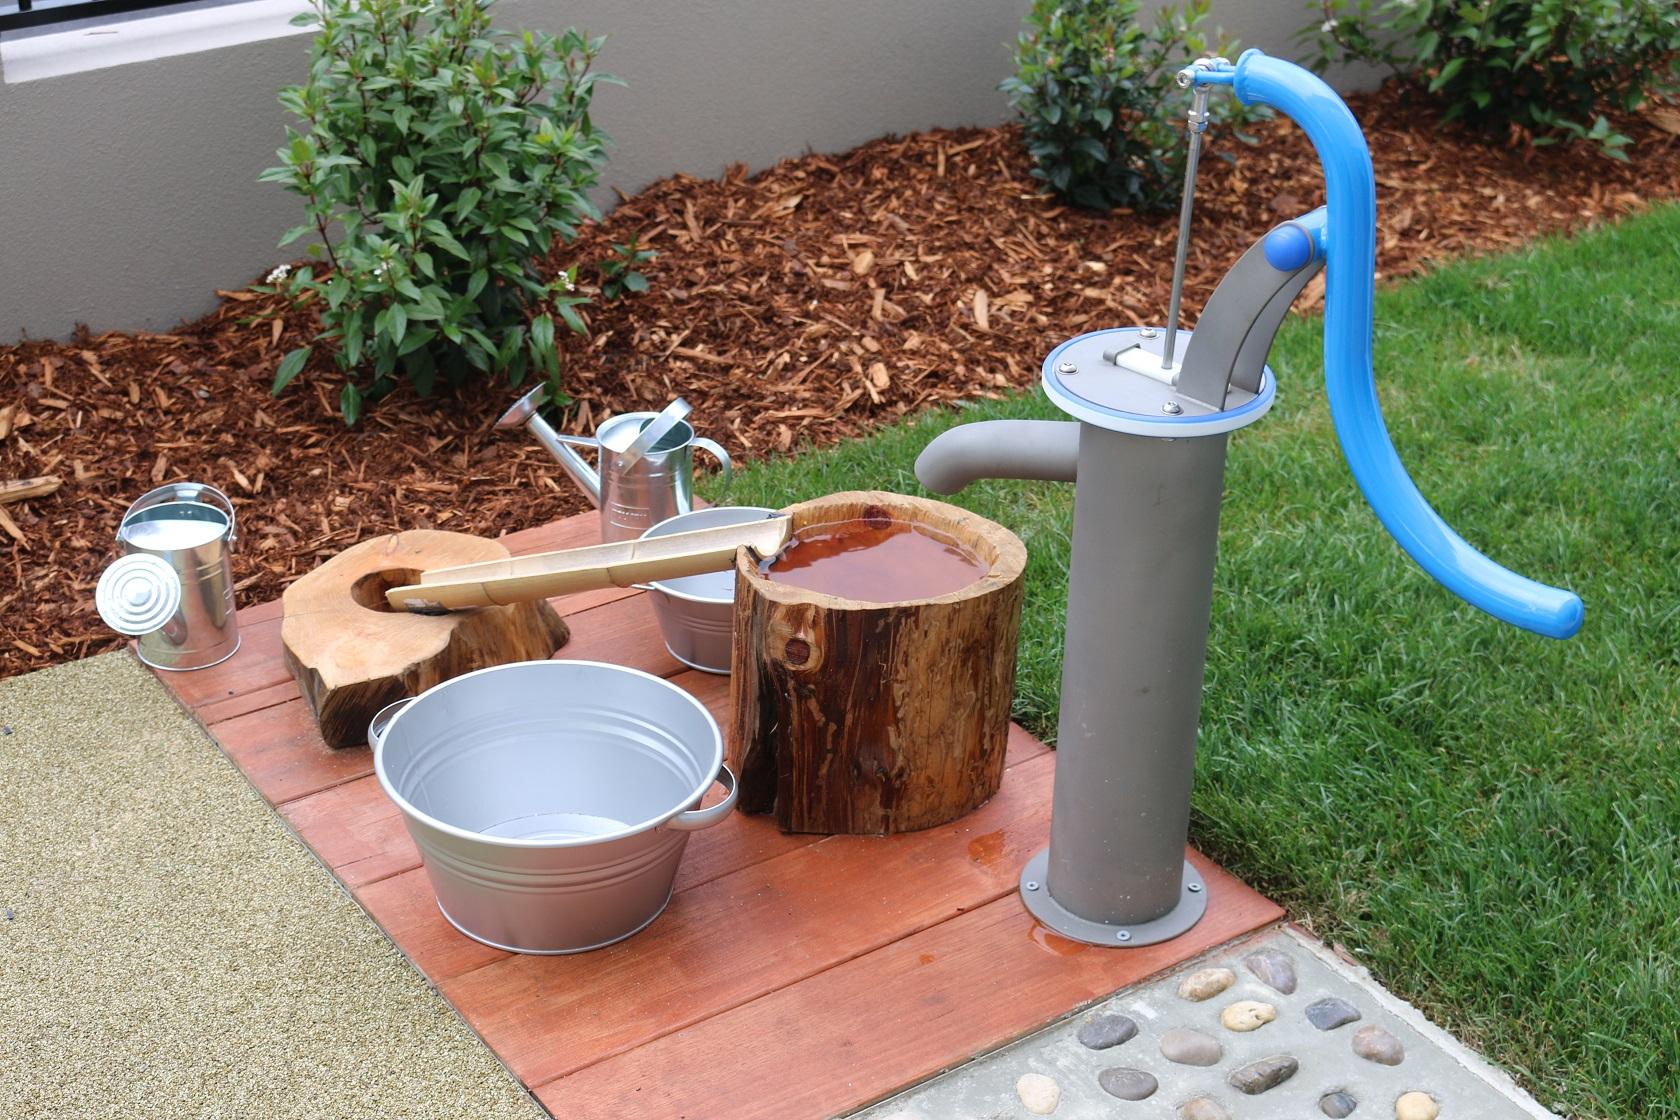 Water play - Bellerive